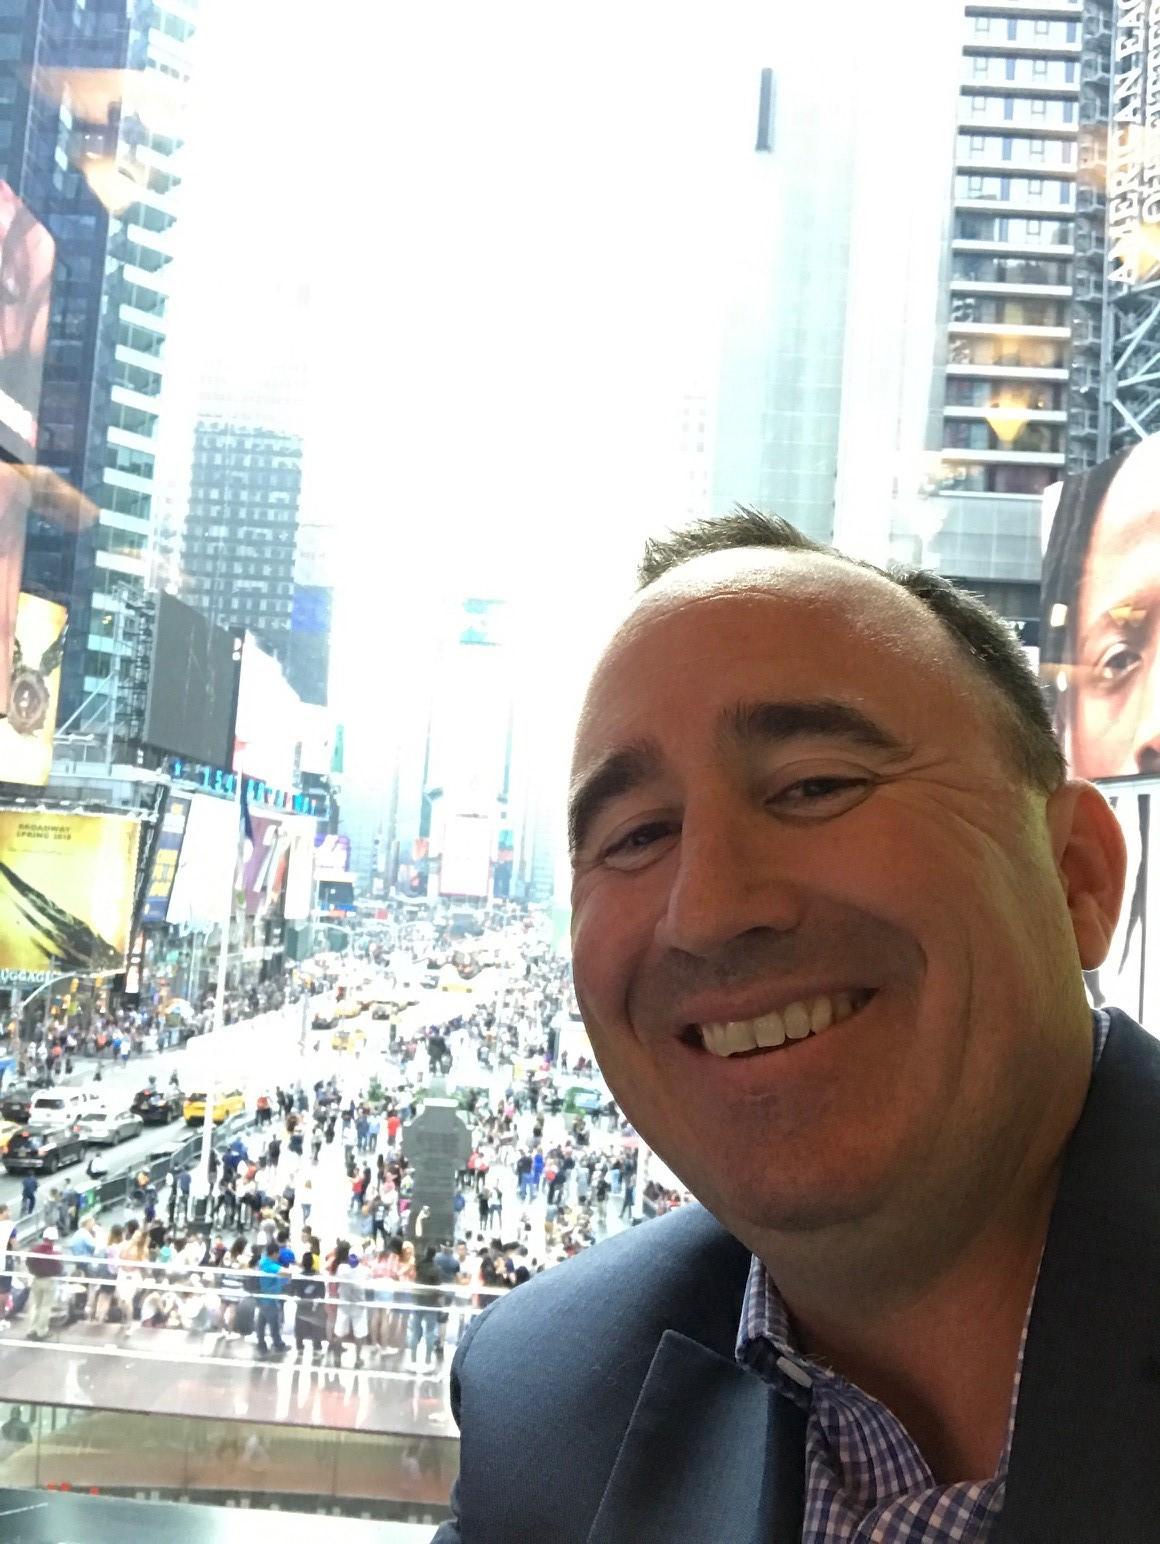 Joel in front of window.jpg